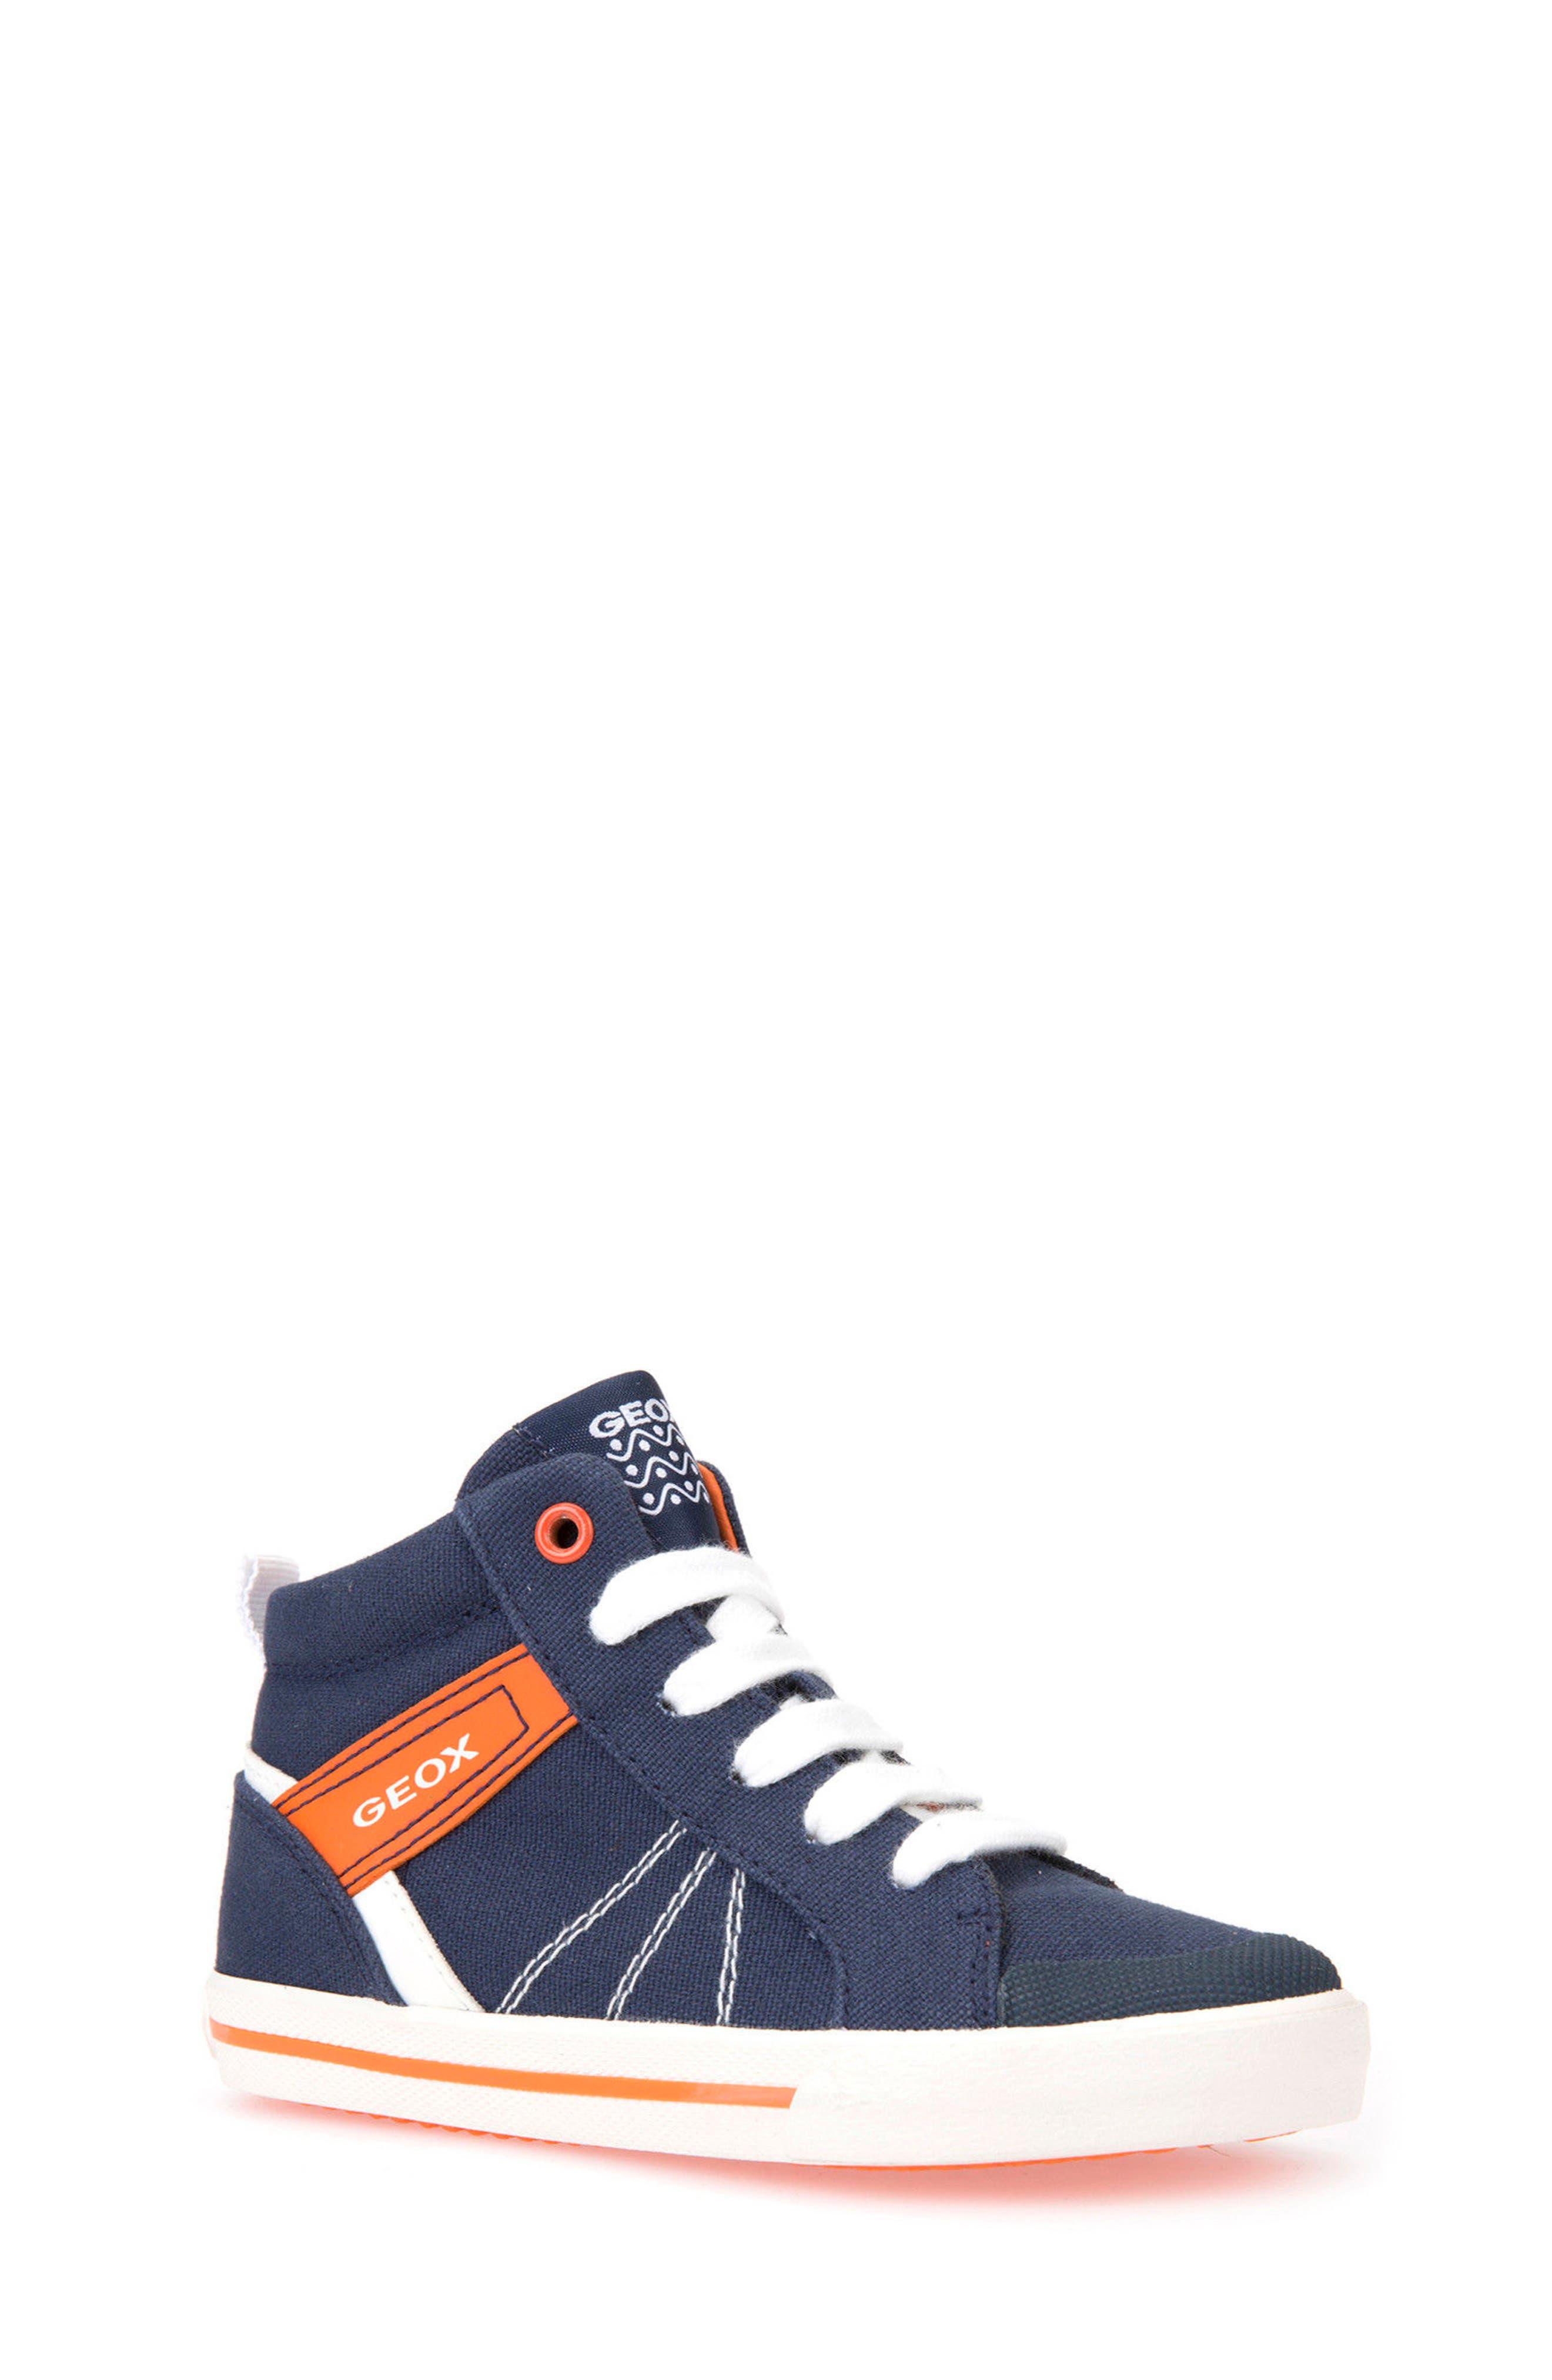 Kilwi Zip High Top Sneaker,                             Main thumbnail 1, color,                             402